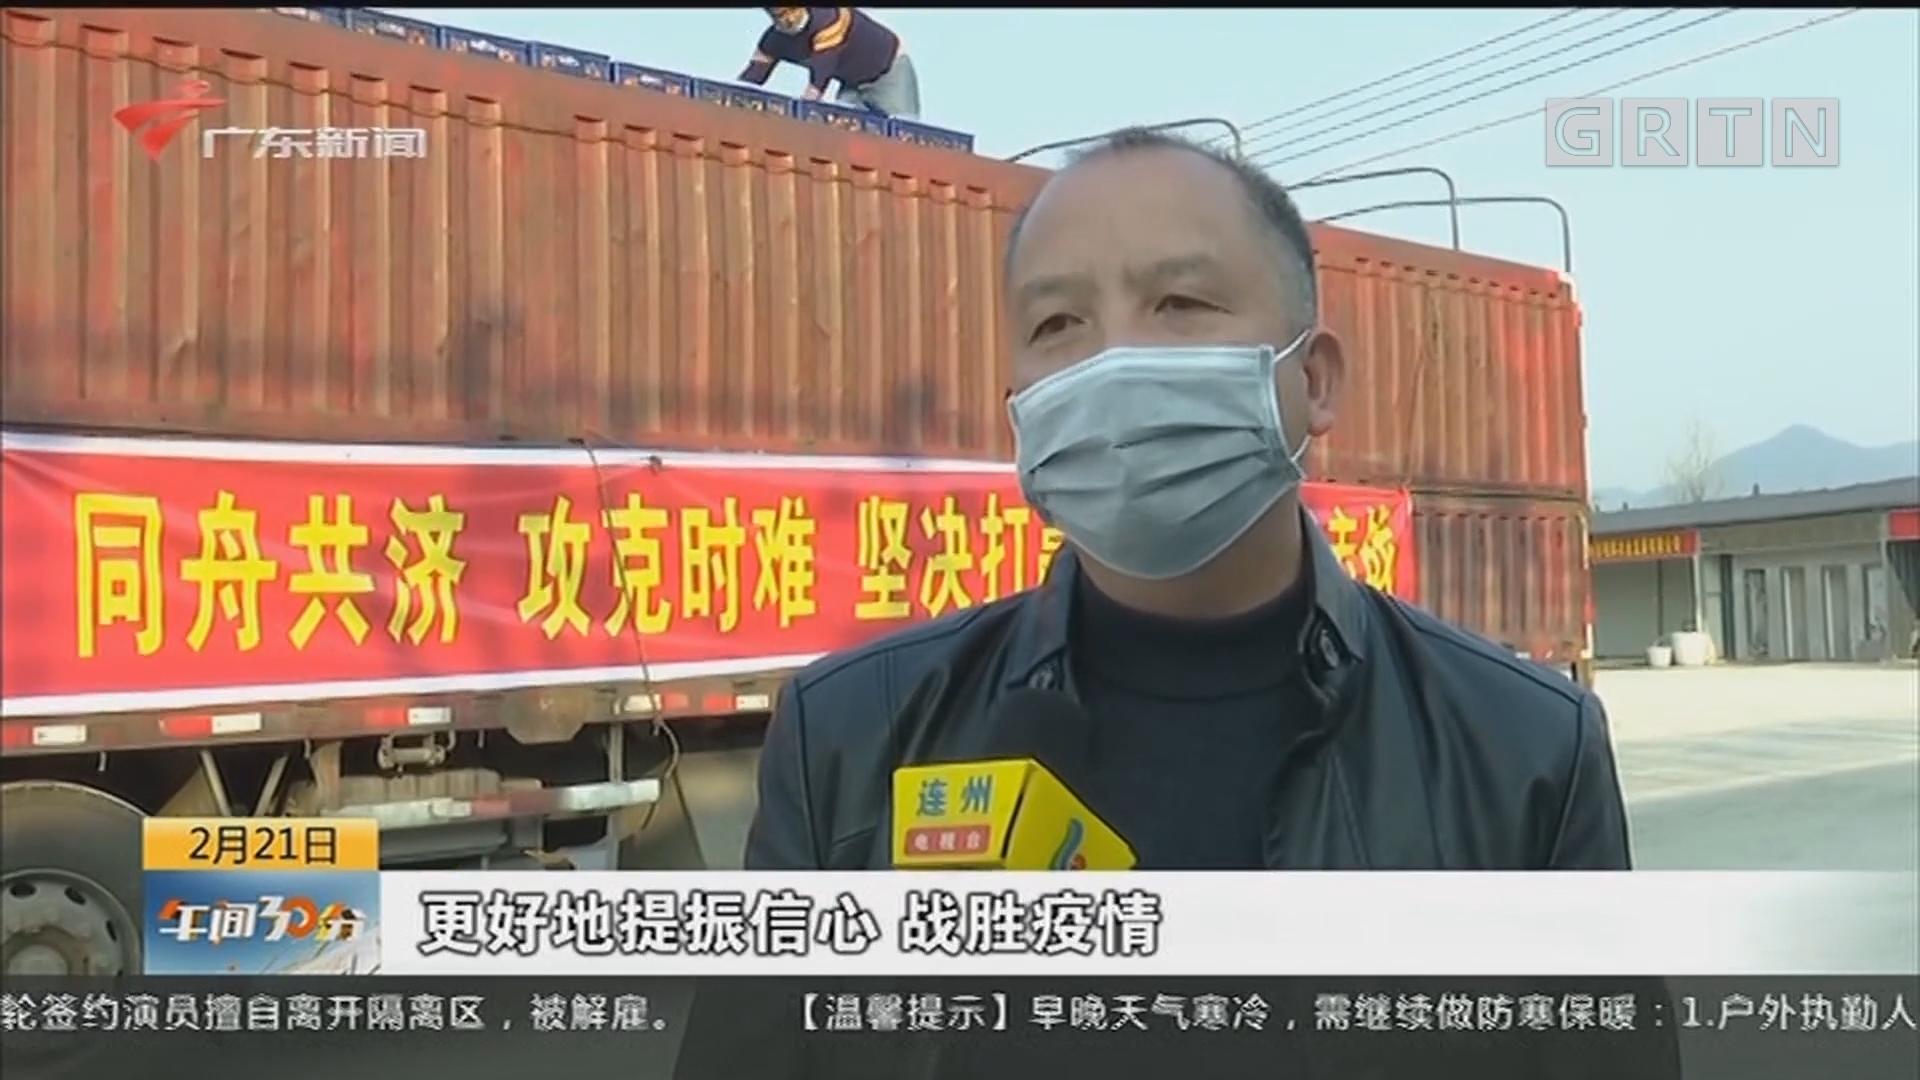 清远连州100吨砂糖橘送往湖北荆州